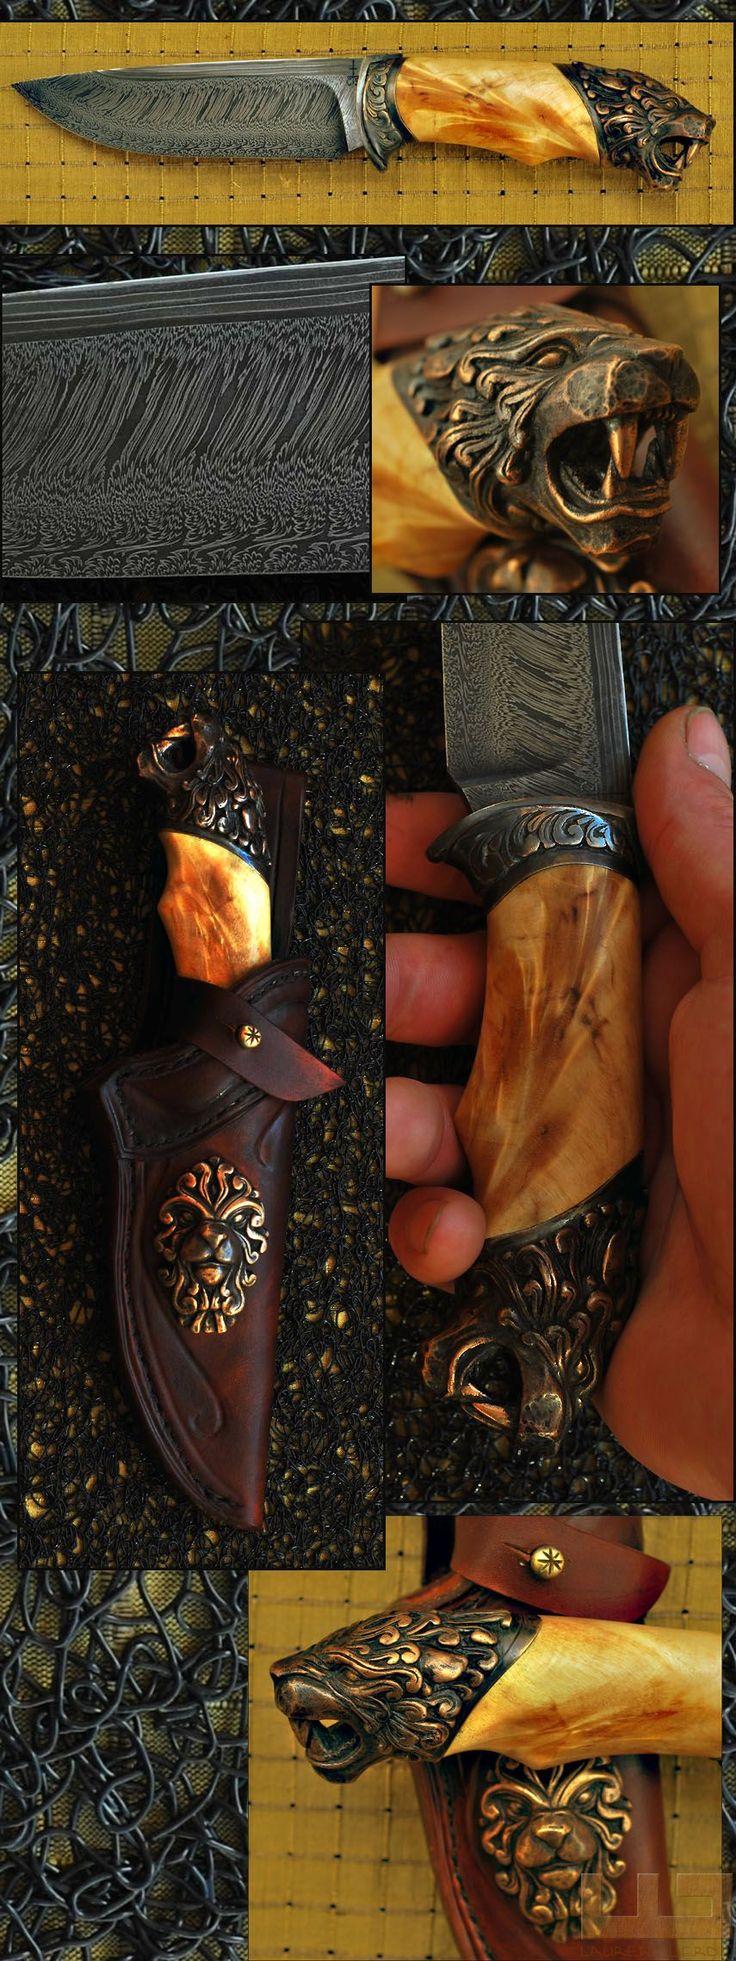 Gerdil Лоран - Скульптура - Человек Стэнли нож. Клинок Дамаск Клод Schosseler, длина 13 см. Ручка Вилка Тополь стабилизировалась. Охрана и навершие дело литой бронзы с использованием утраченной дизайн воск. Общая длина 26 см.